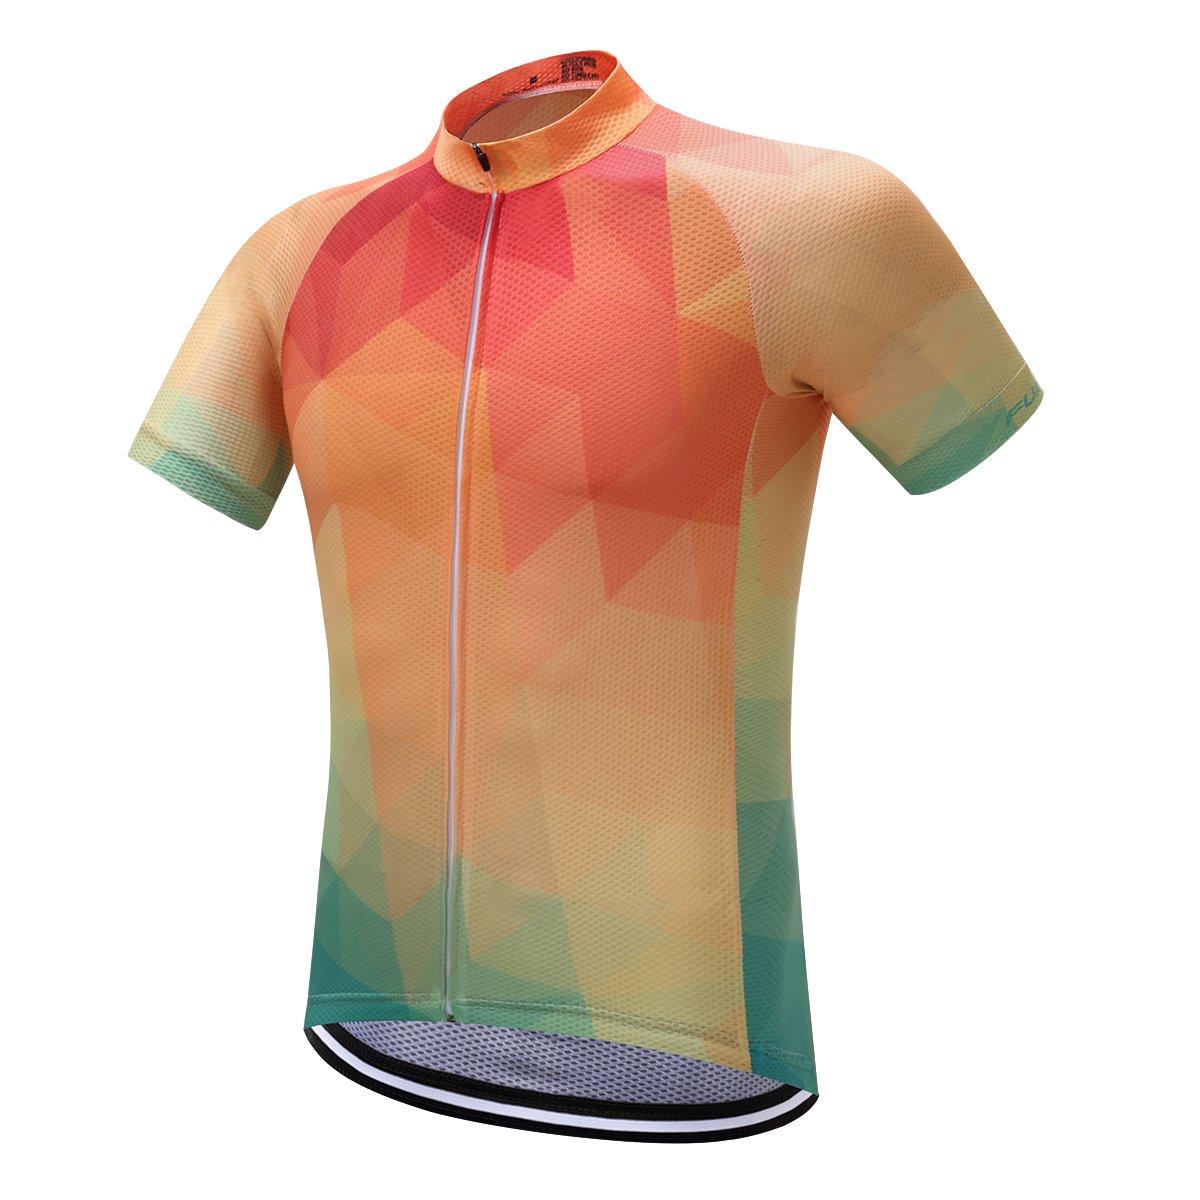 プランAクラシックブラックメンズシャツ夏サイクリングジャージー半袖自転車スポーツ服 B0745H3WPQ 3L OrangeDS14 OrangeDS14 3L